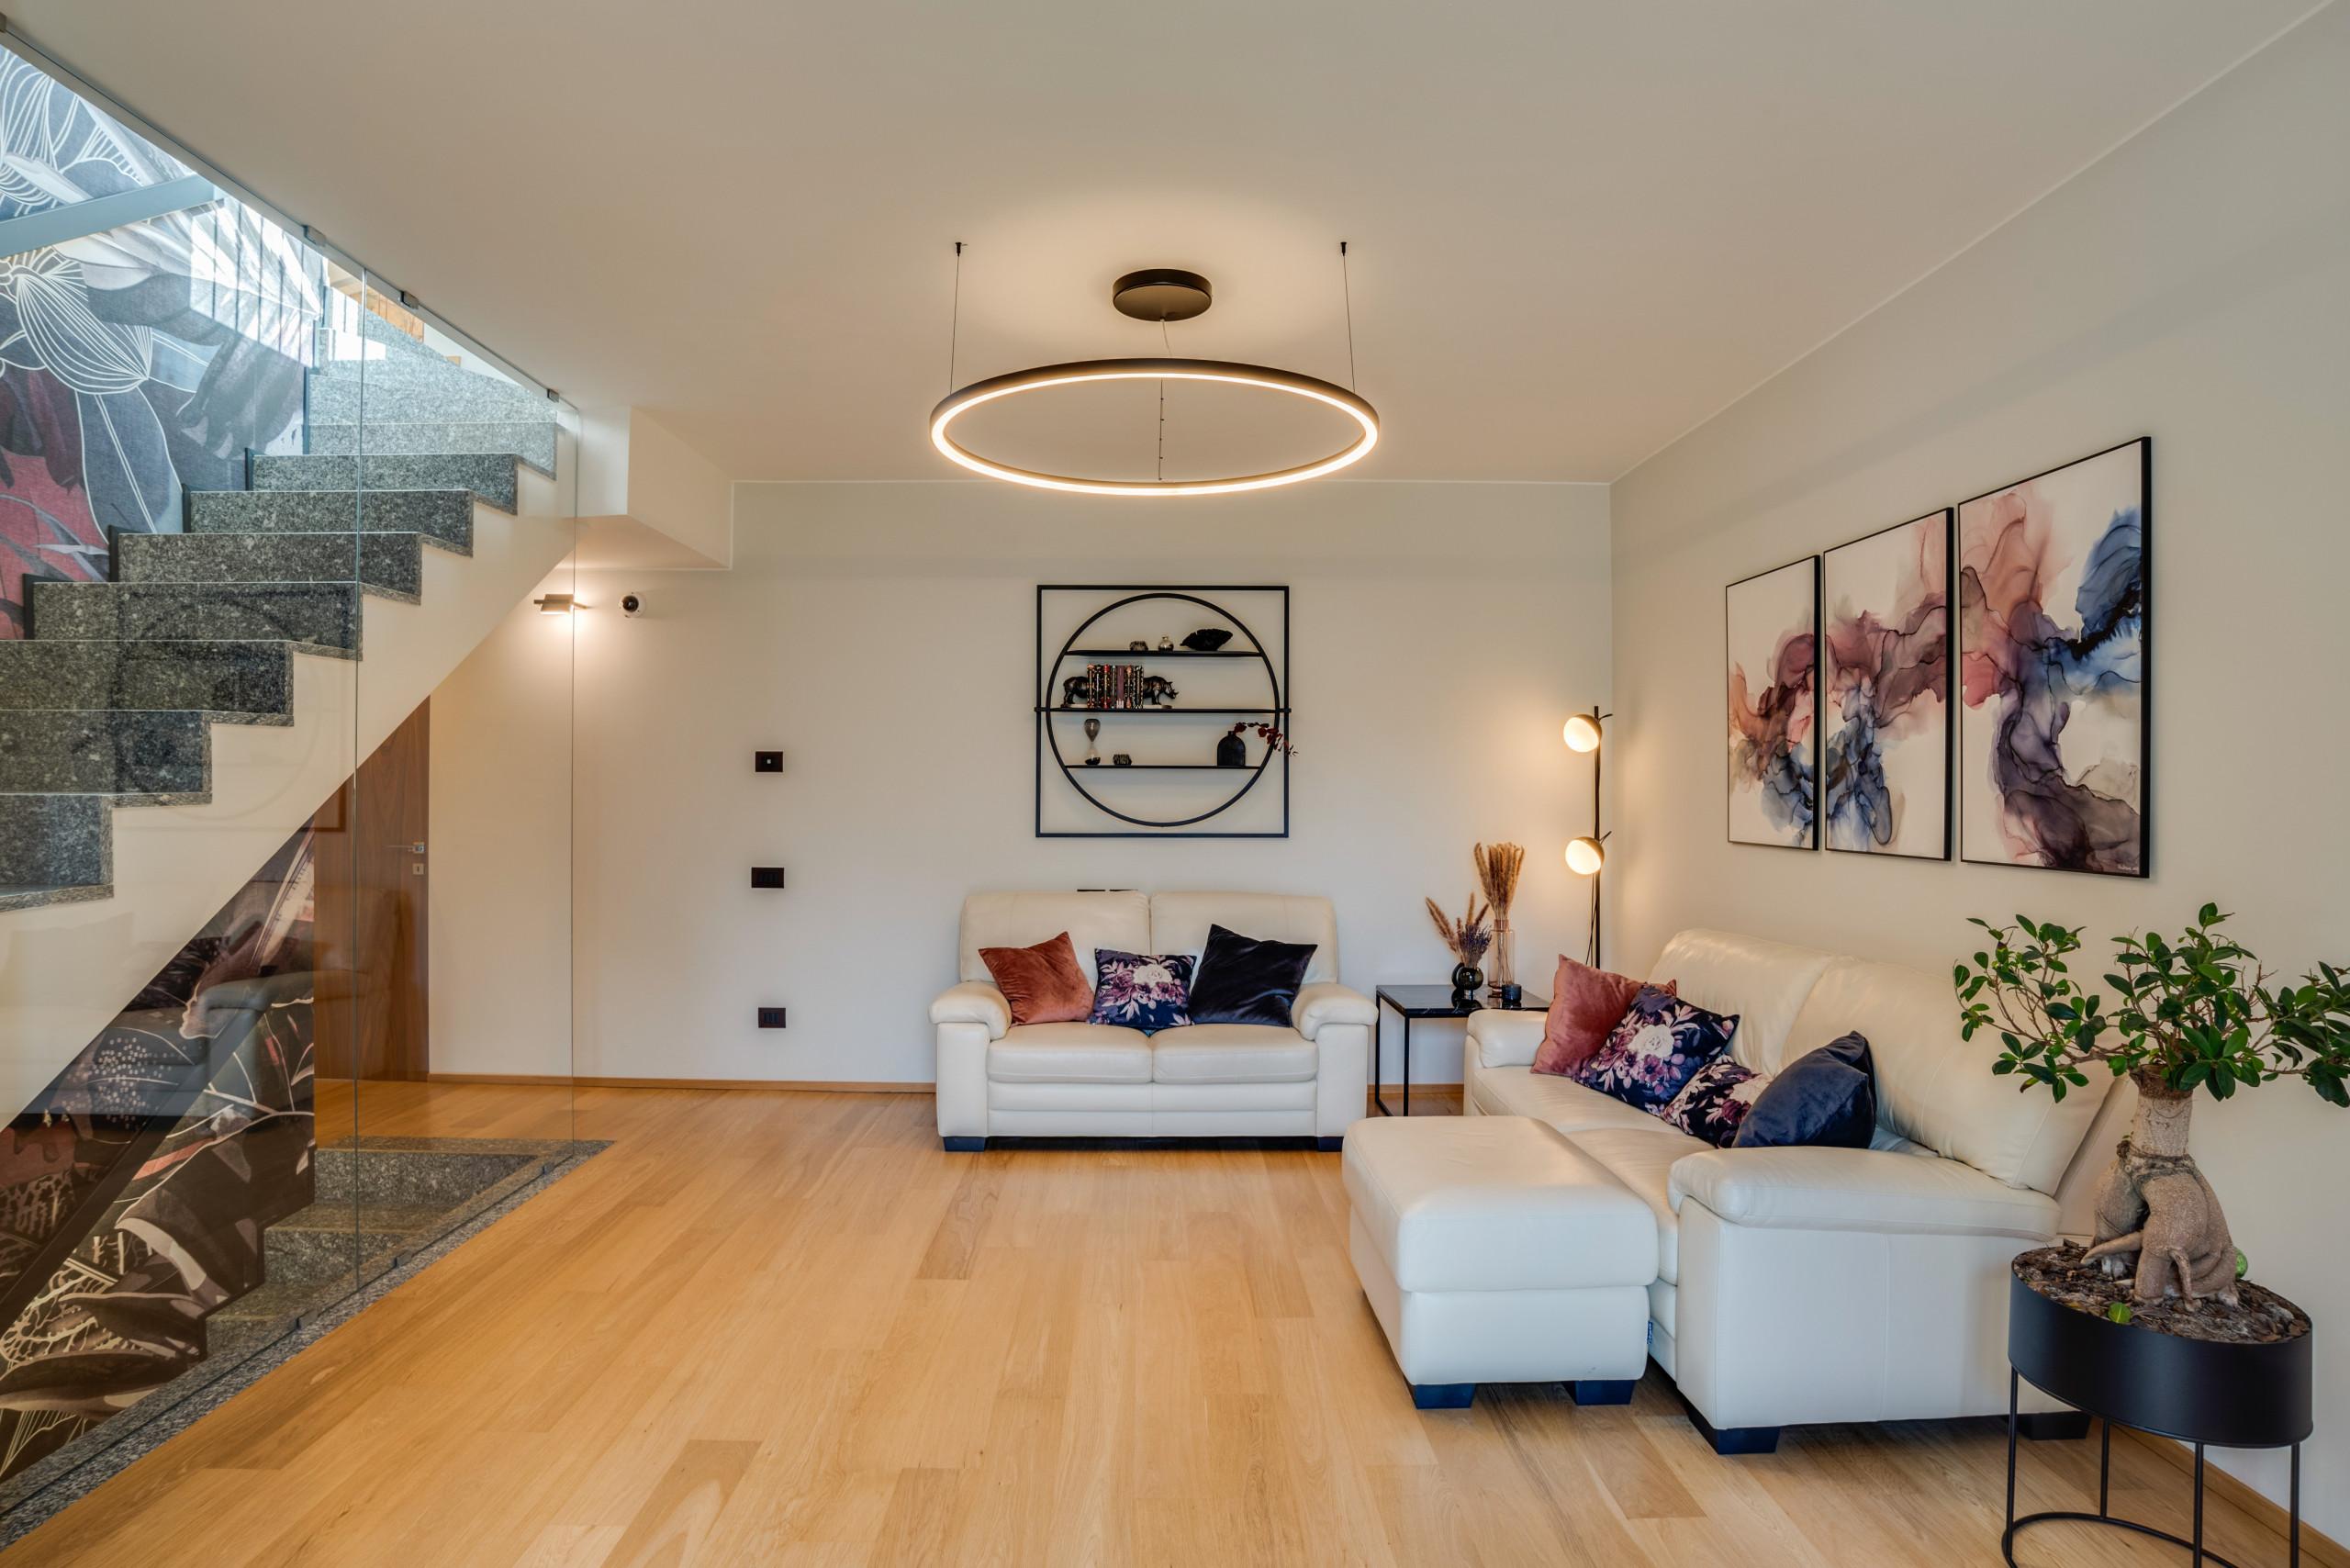 Villa PI   150 mq   Ristrutturazione completa